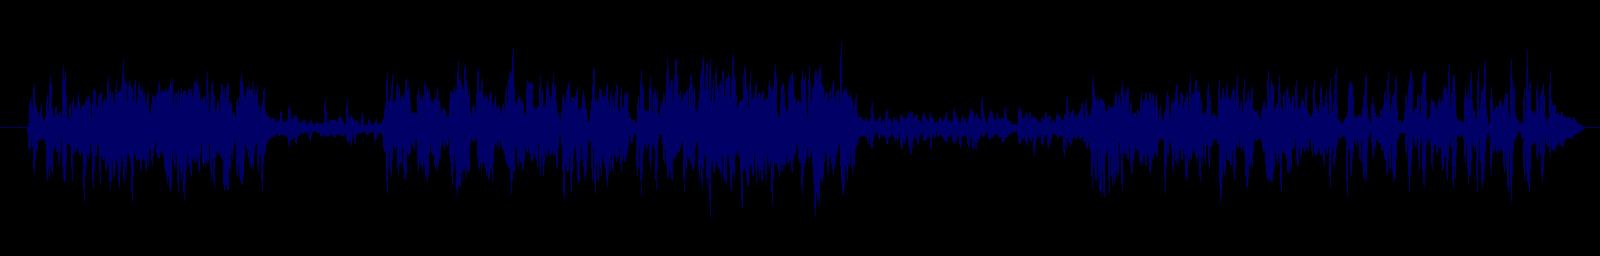 waveform of track #126174